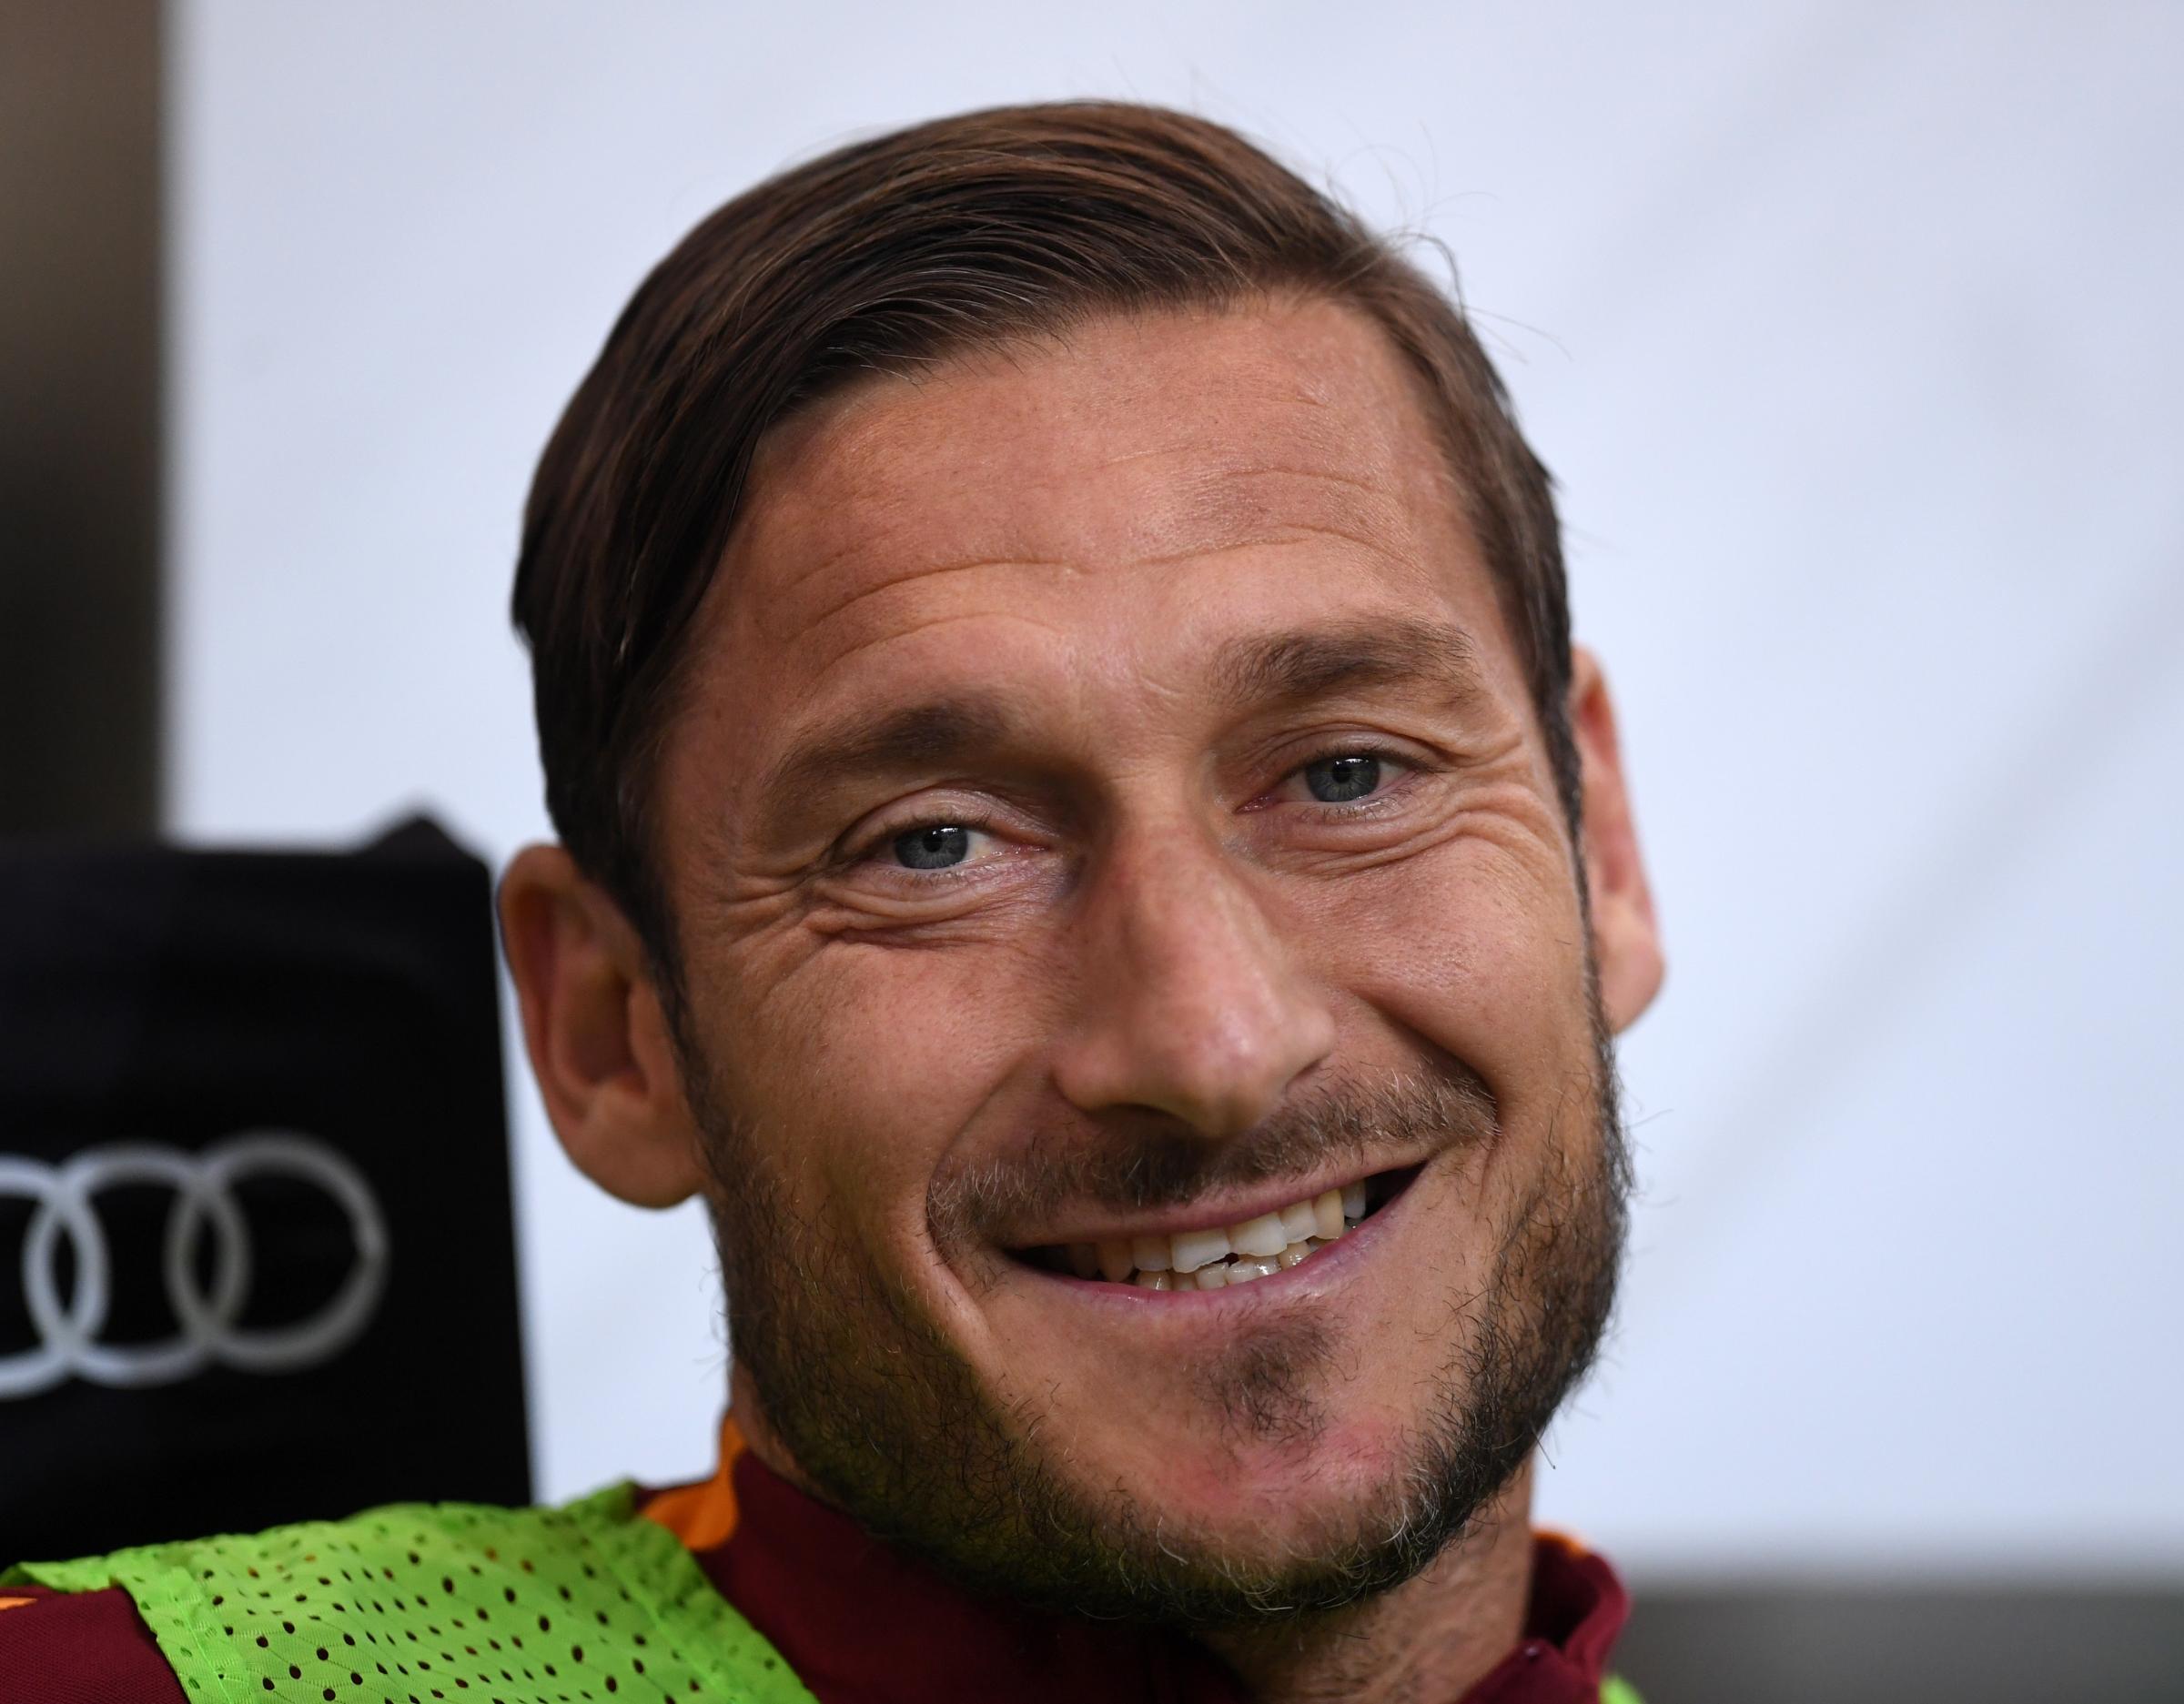 Francesco Totti, calciatore, marito e papà: la sua storia in foto